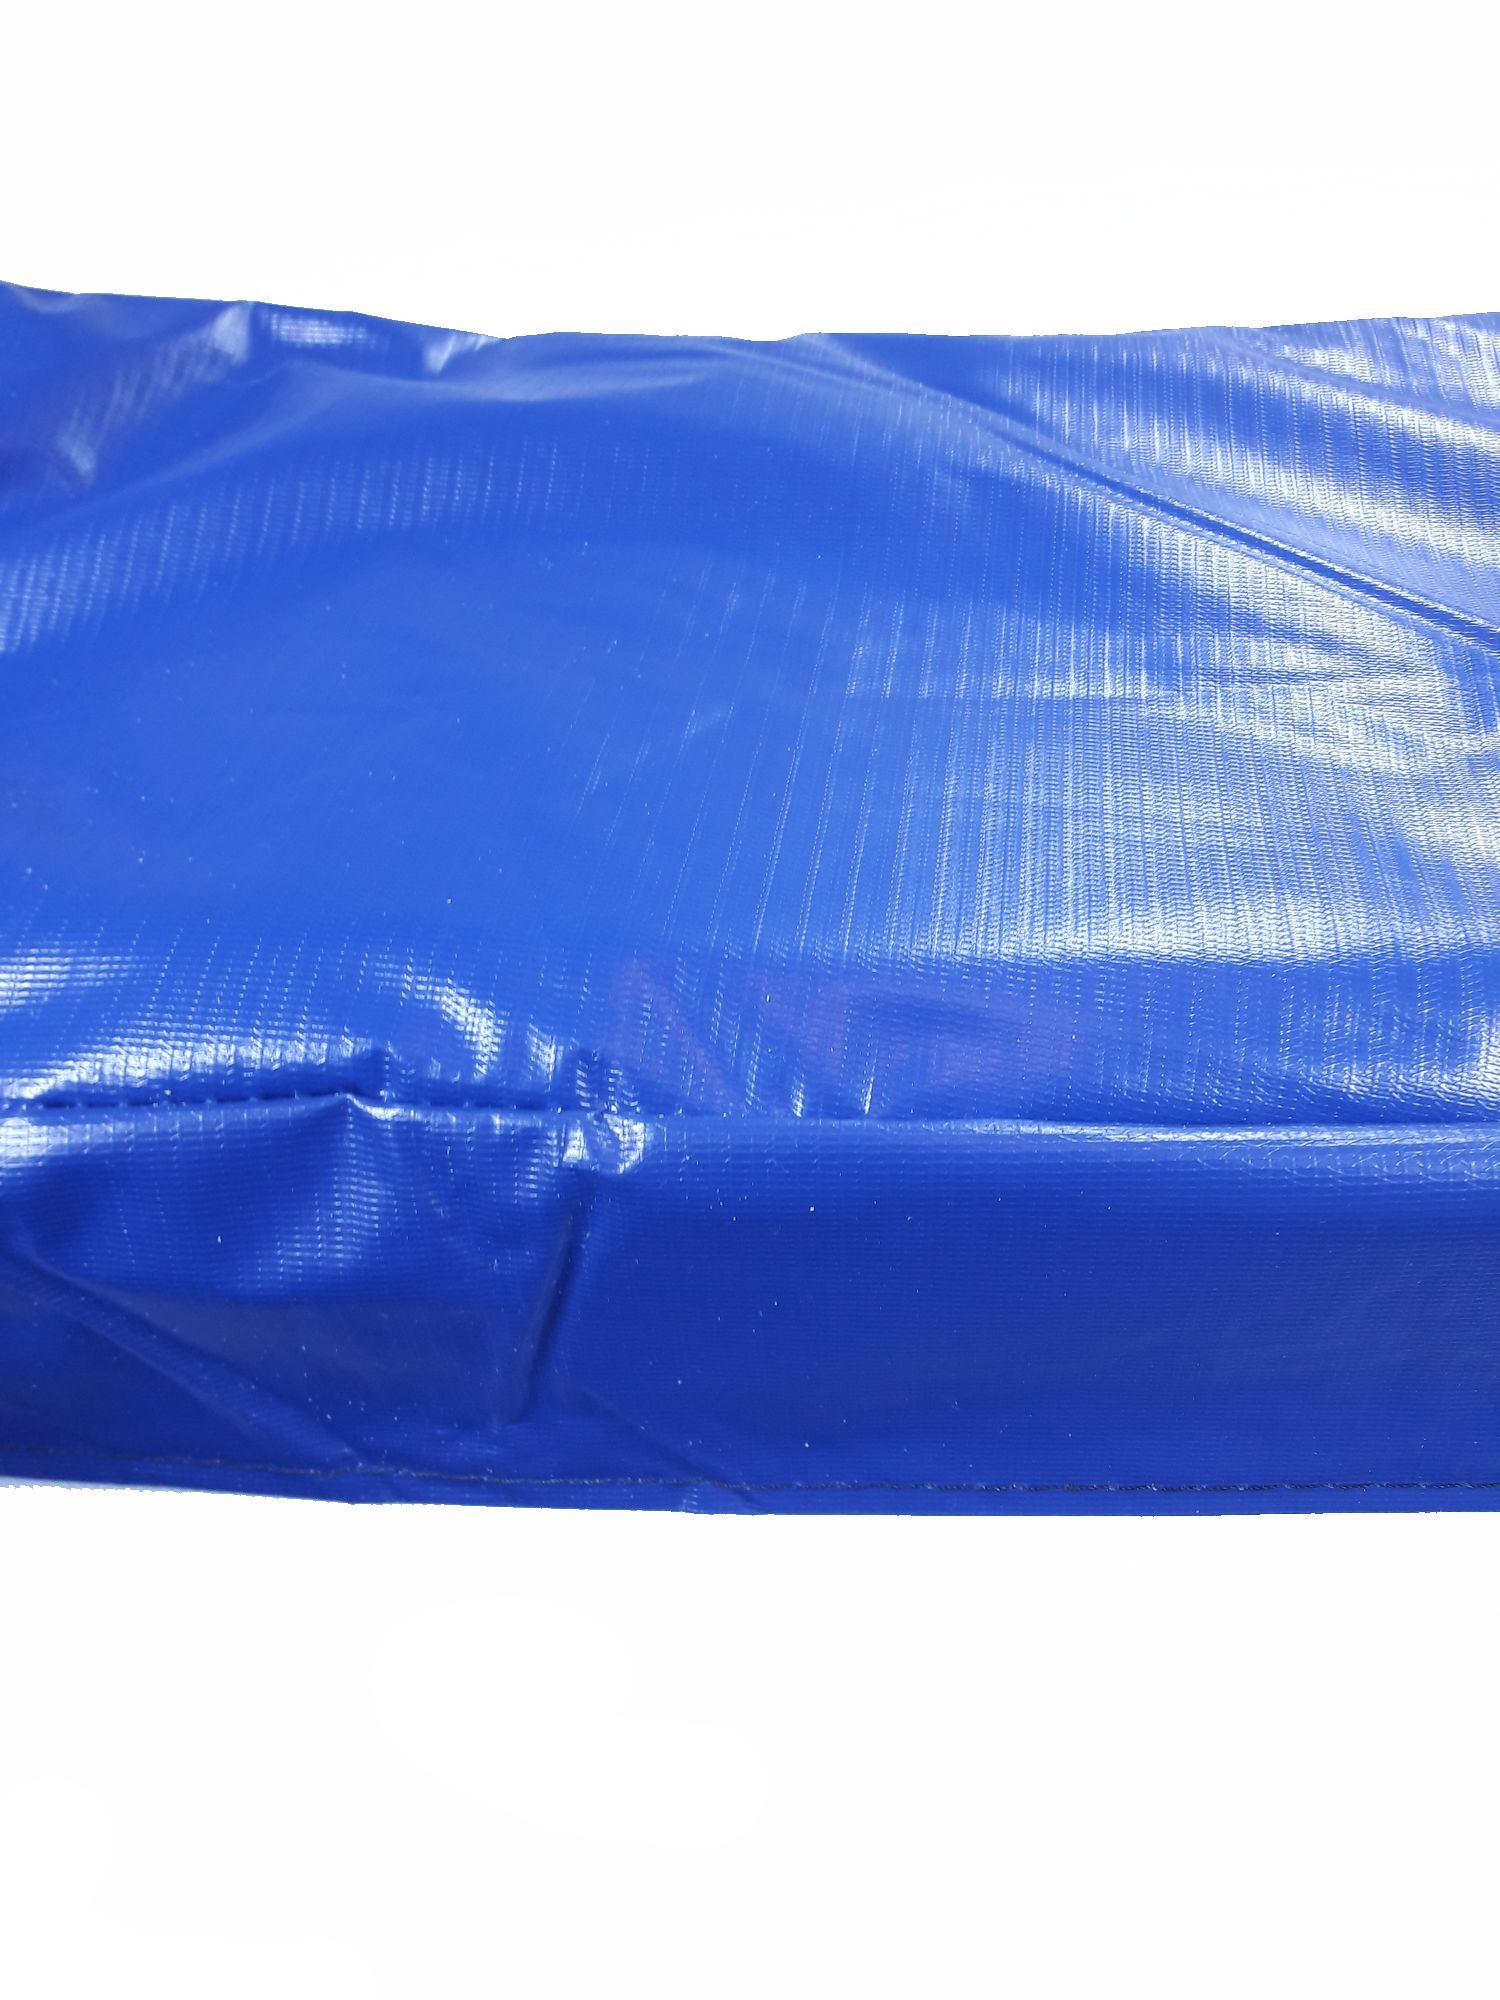 Pramene ochrany trampolína 427 - 434cm, 14 metrov PVC